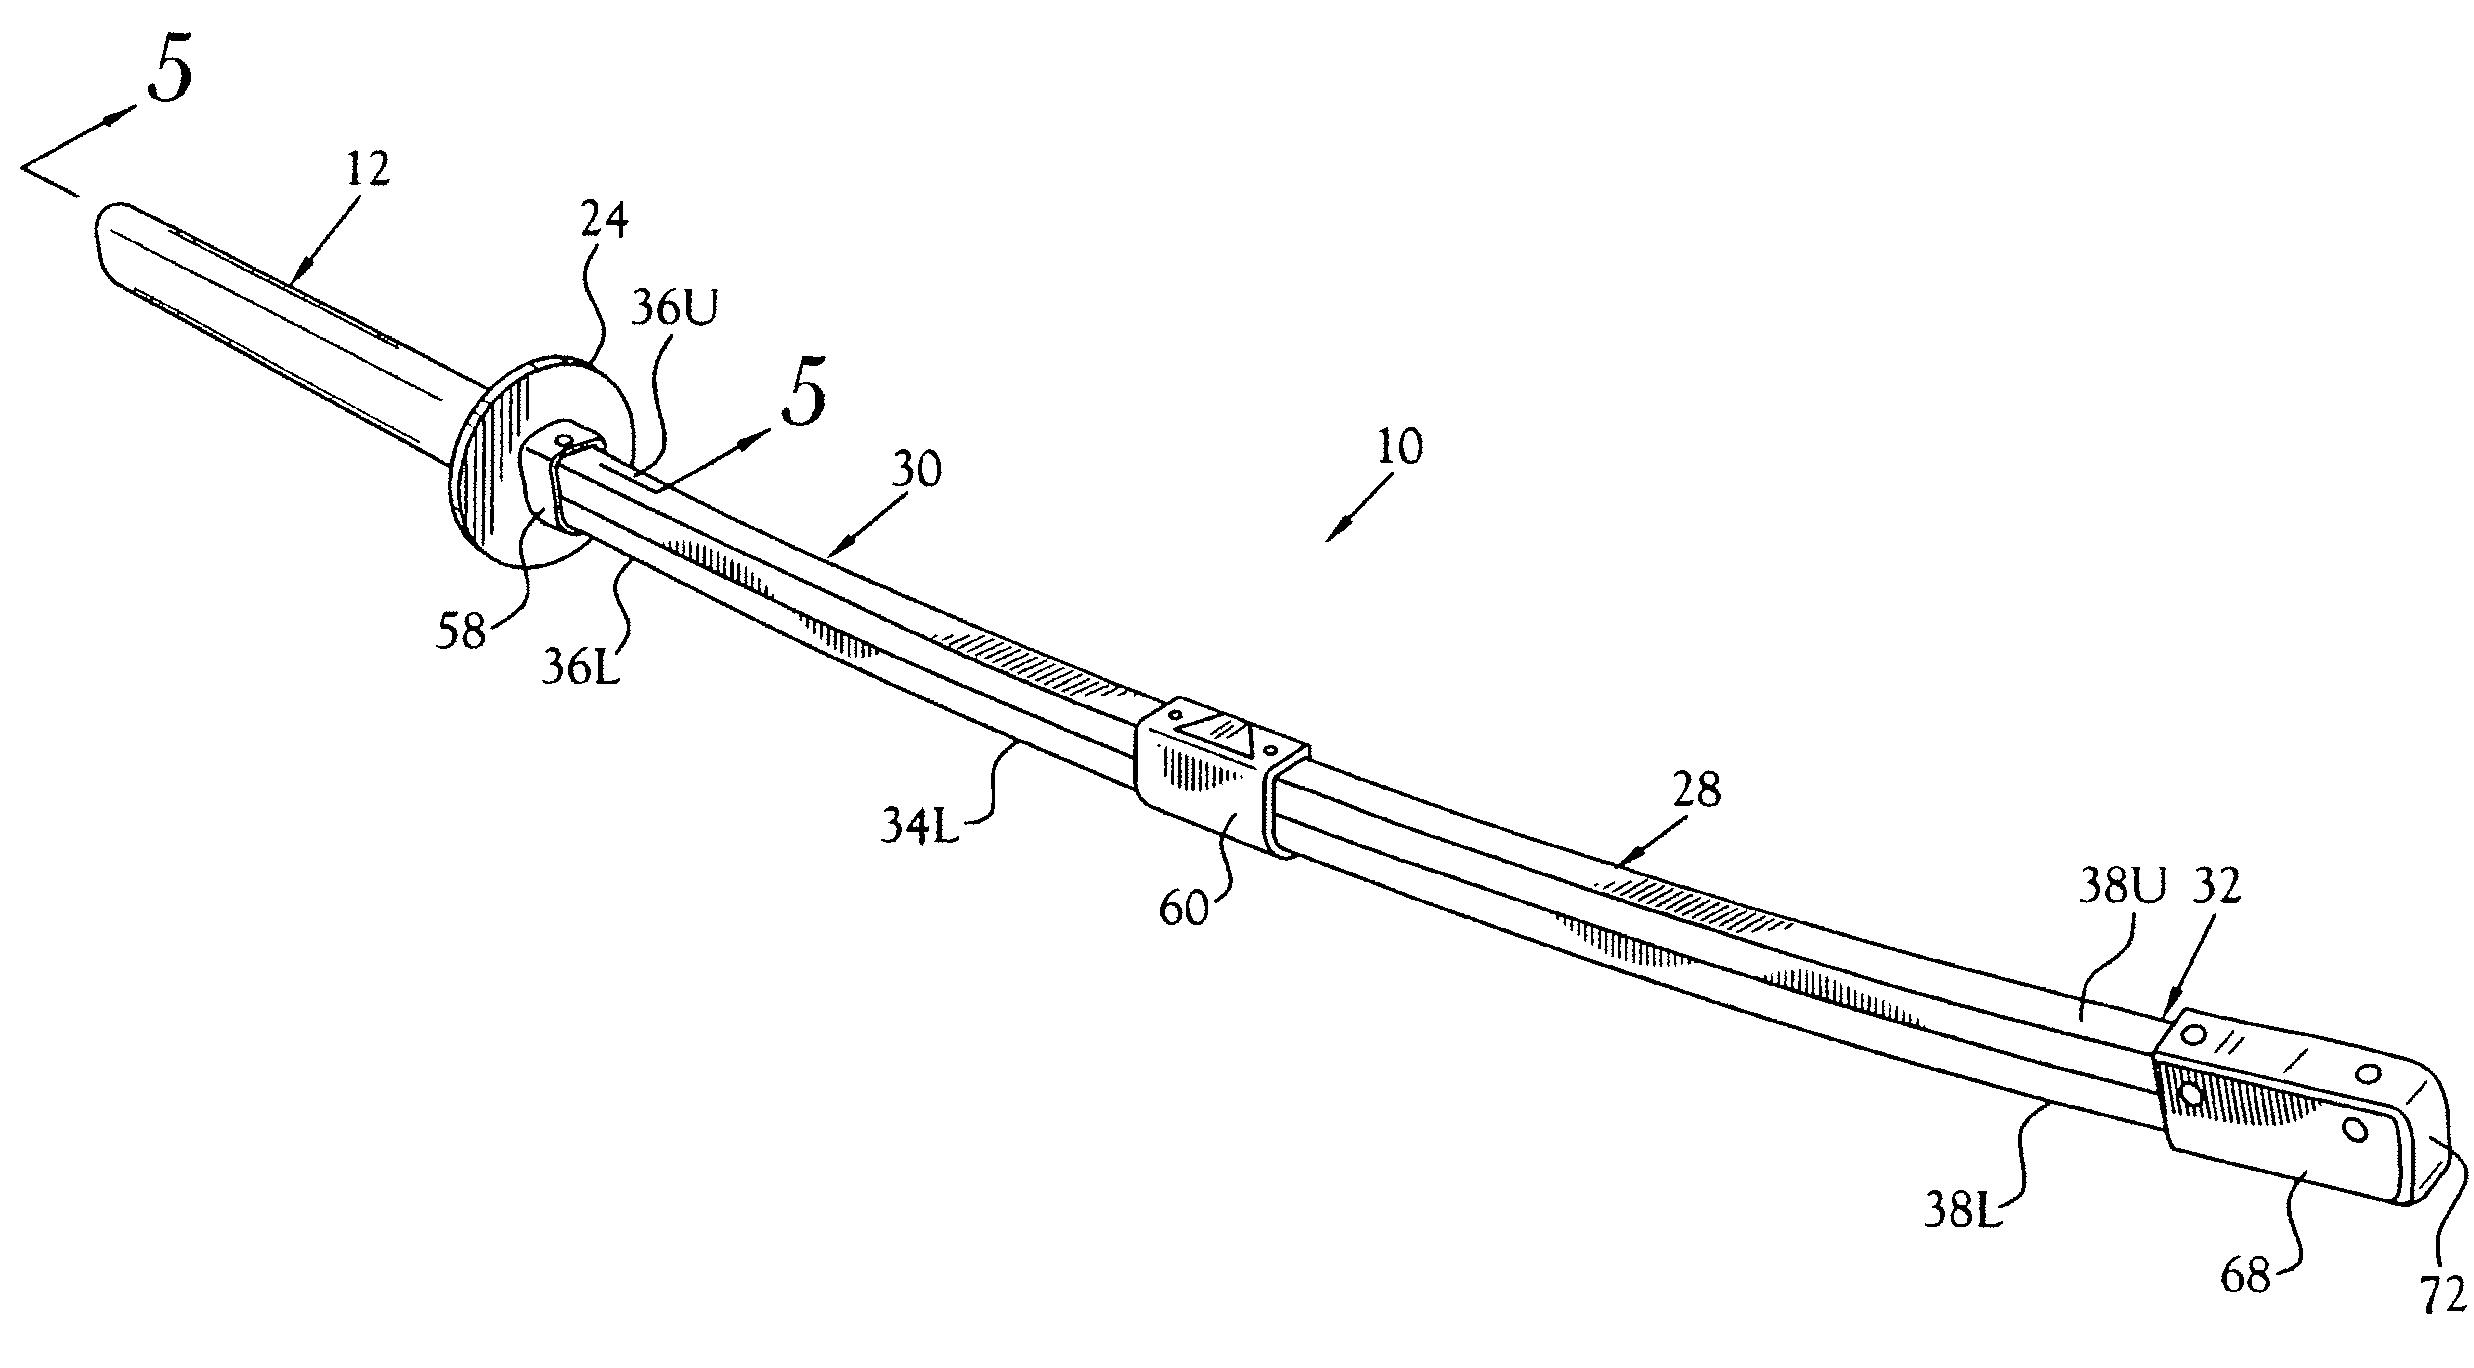 Drawn samurai samurai sword Patent Practice Sword US20090118101 Google